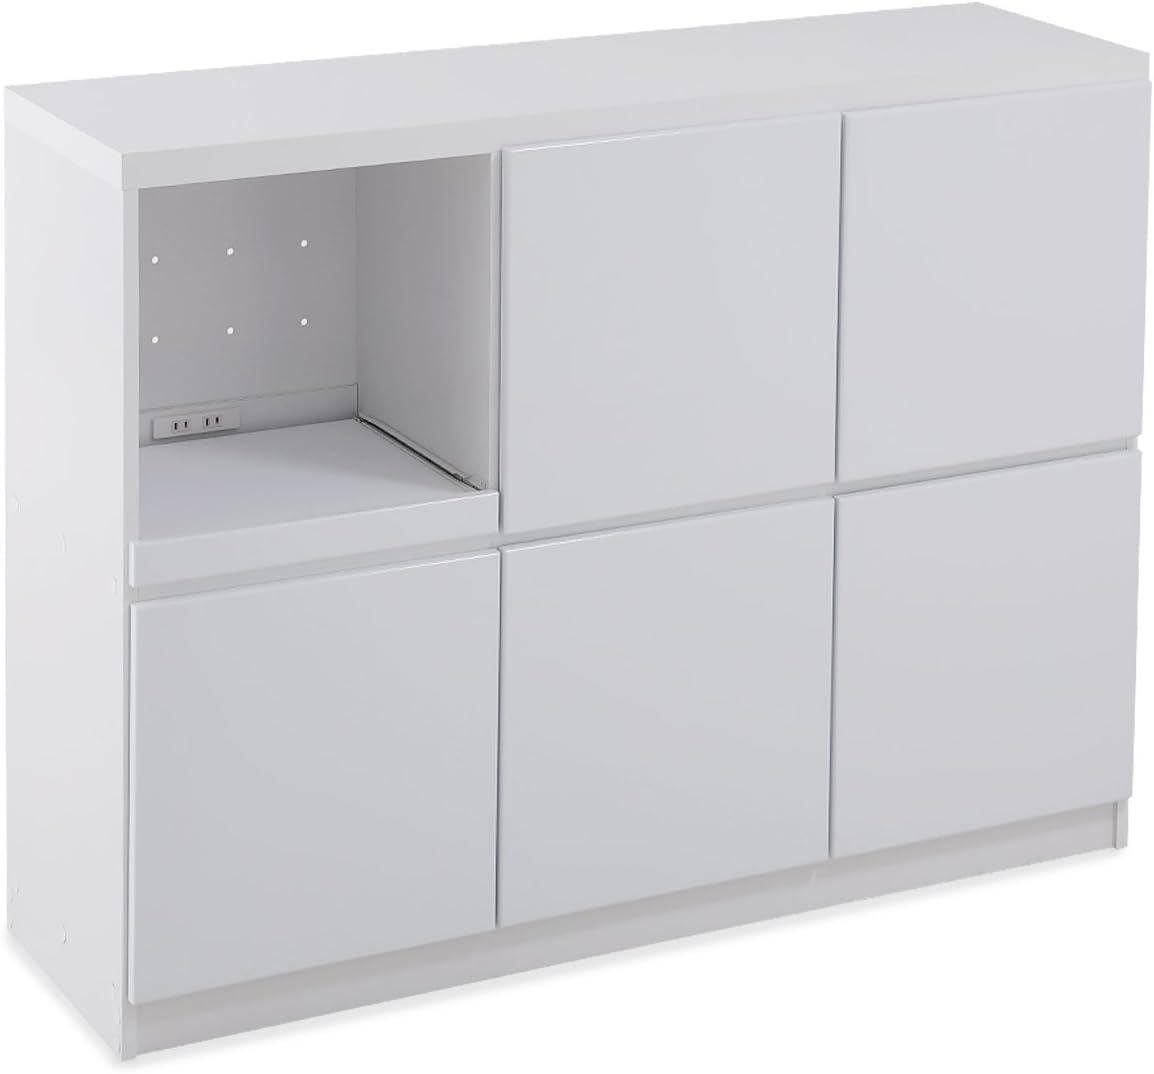 LOWYA(ロウヤ) プッシュオープン食器棚